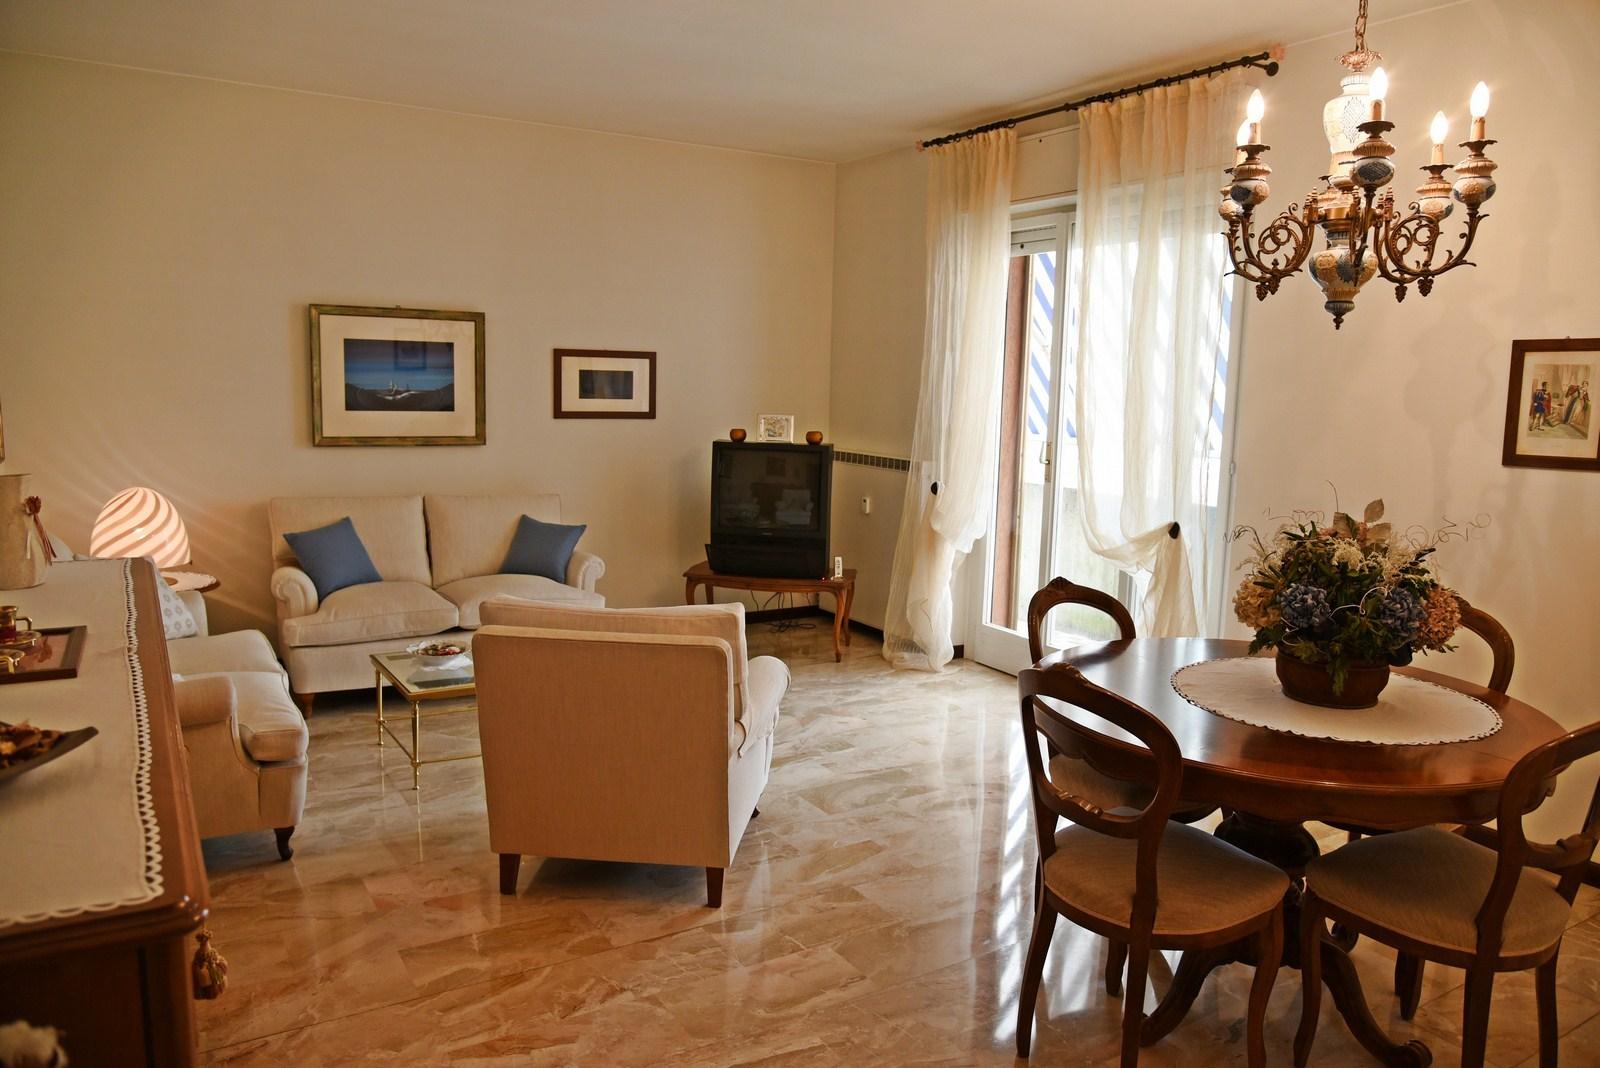 Appartamento in vendita a Valmadrera, 4 locali, prezzo € 160.000 | Cambio Casa.it